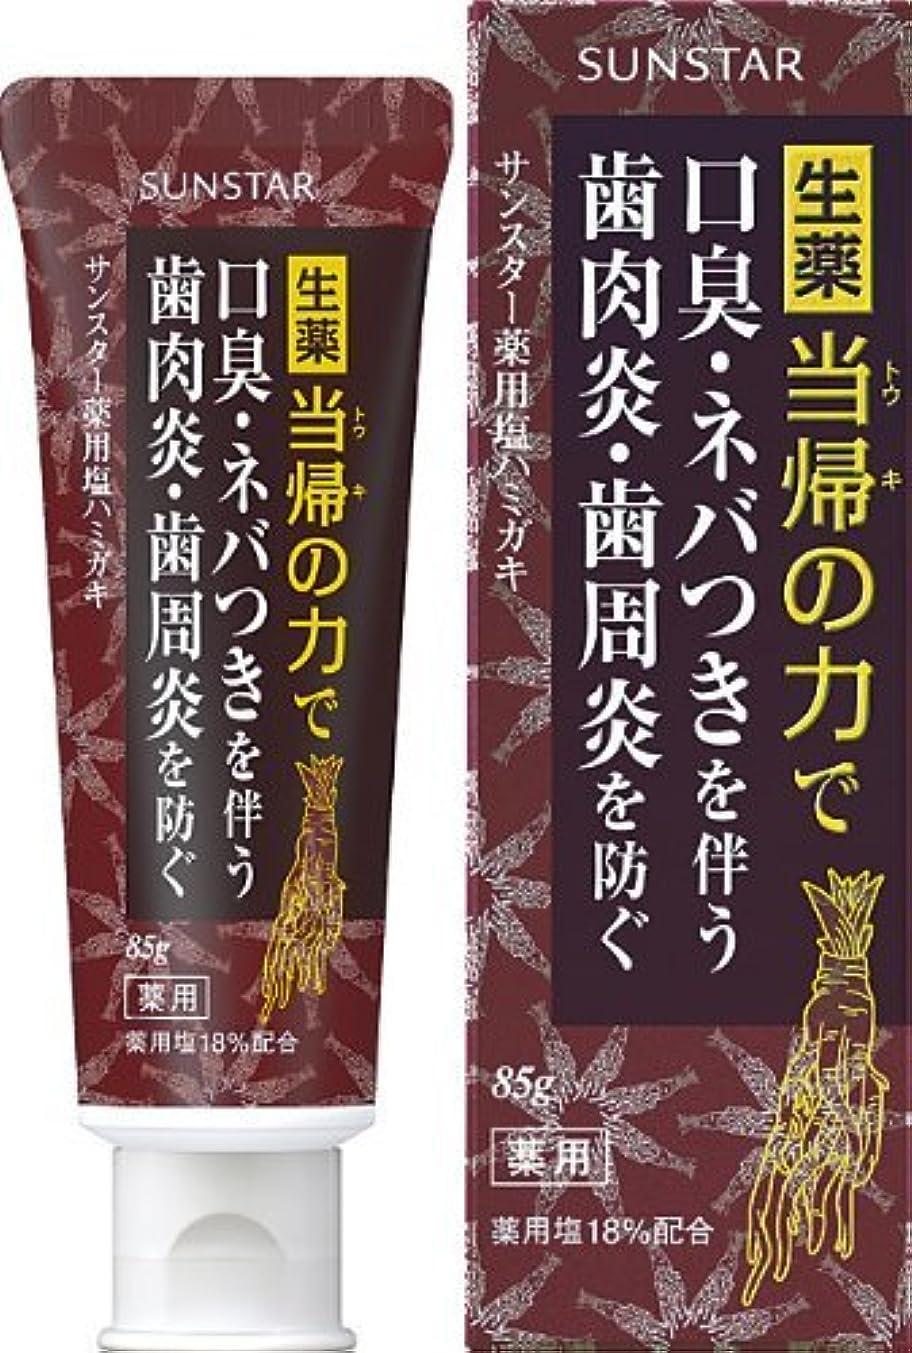 パーツミル血色の良いサンスター 薬用ハミガキ 生薬当帰の力 85g 歯周病歯磨き×80点セット (4901616009226)